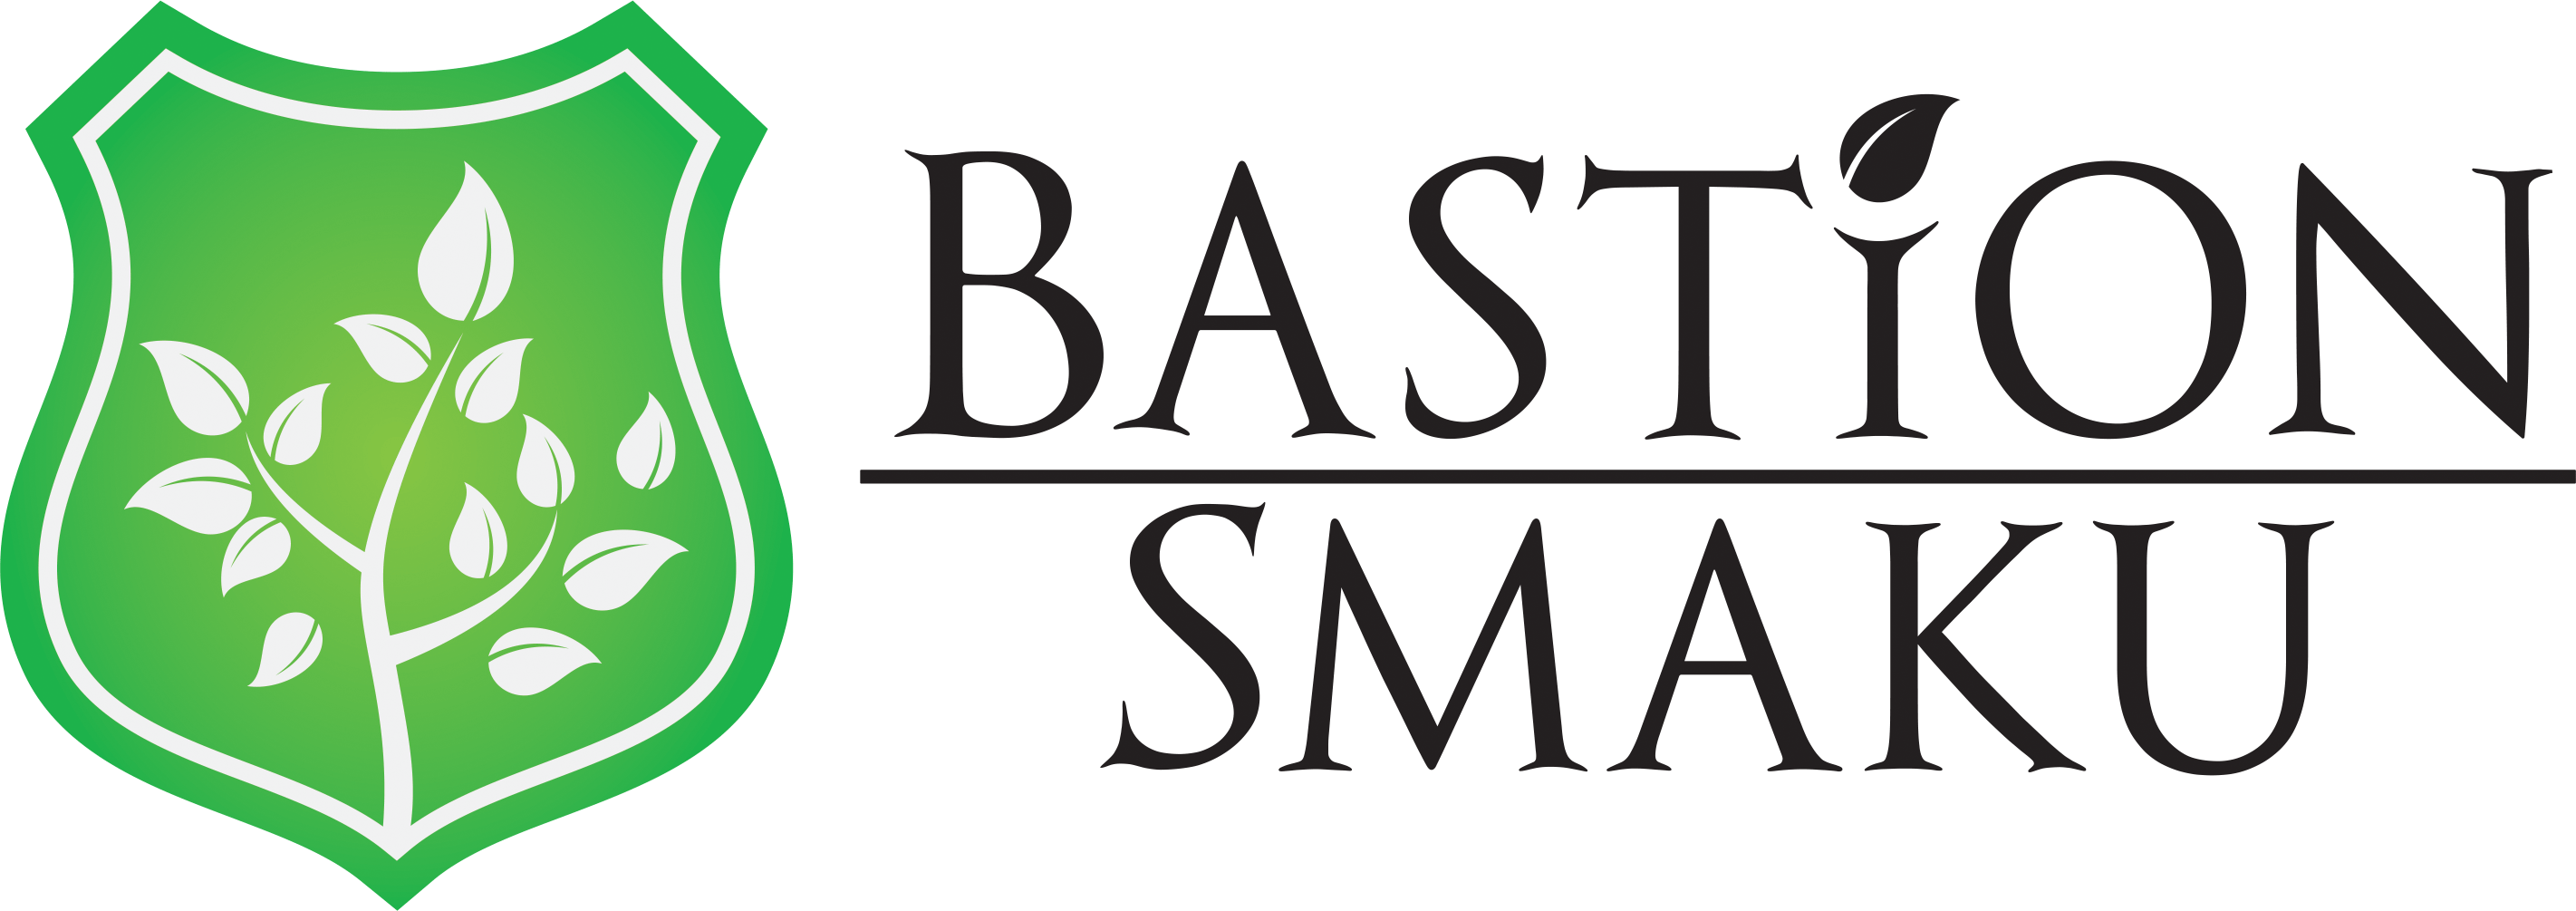 Bastion Smaku